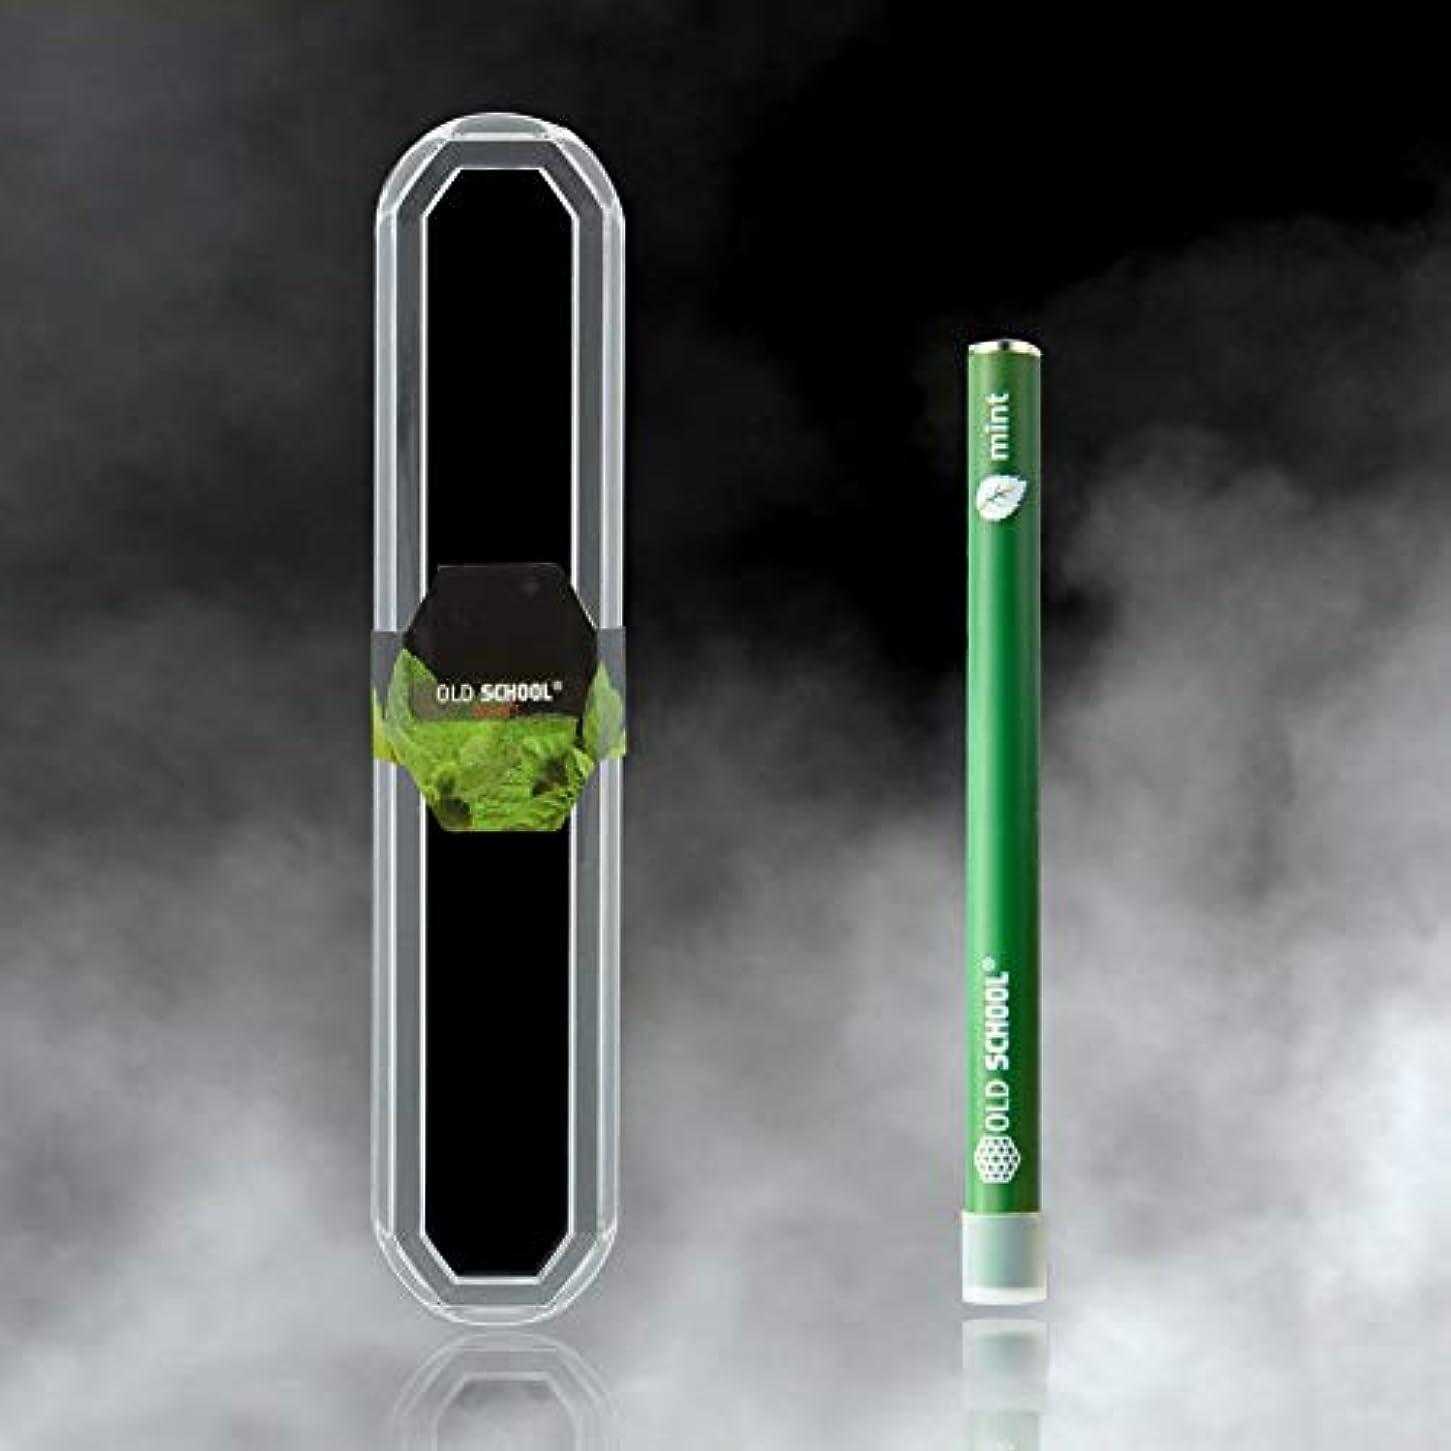 価値心のこもった花輪OLD SCHOOL アロマセラピー 吸入器自然なやめる喫煙救済無害低下するにはレベルが単に有機と自然なブレンド&加熱アロマセラピーであなた 気分を高める用、息を強調します ミント ミント